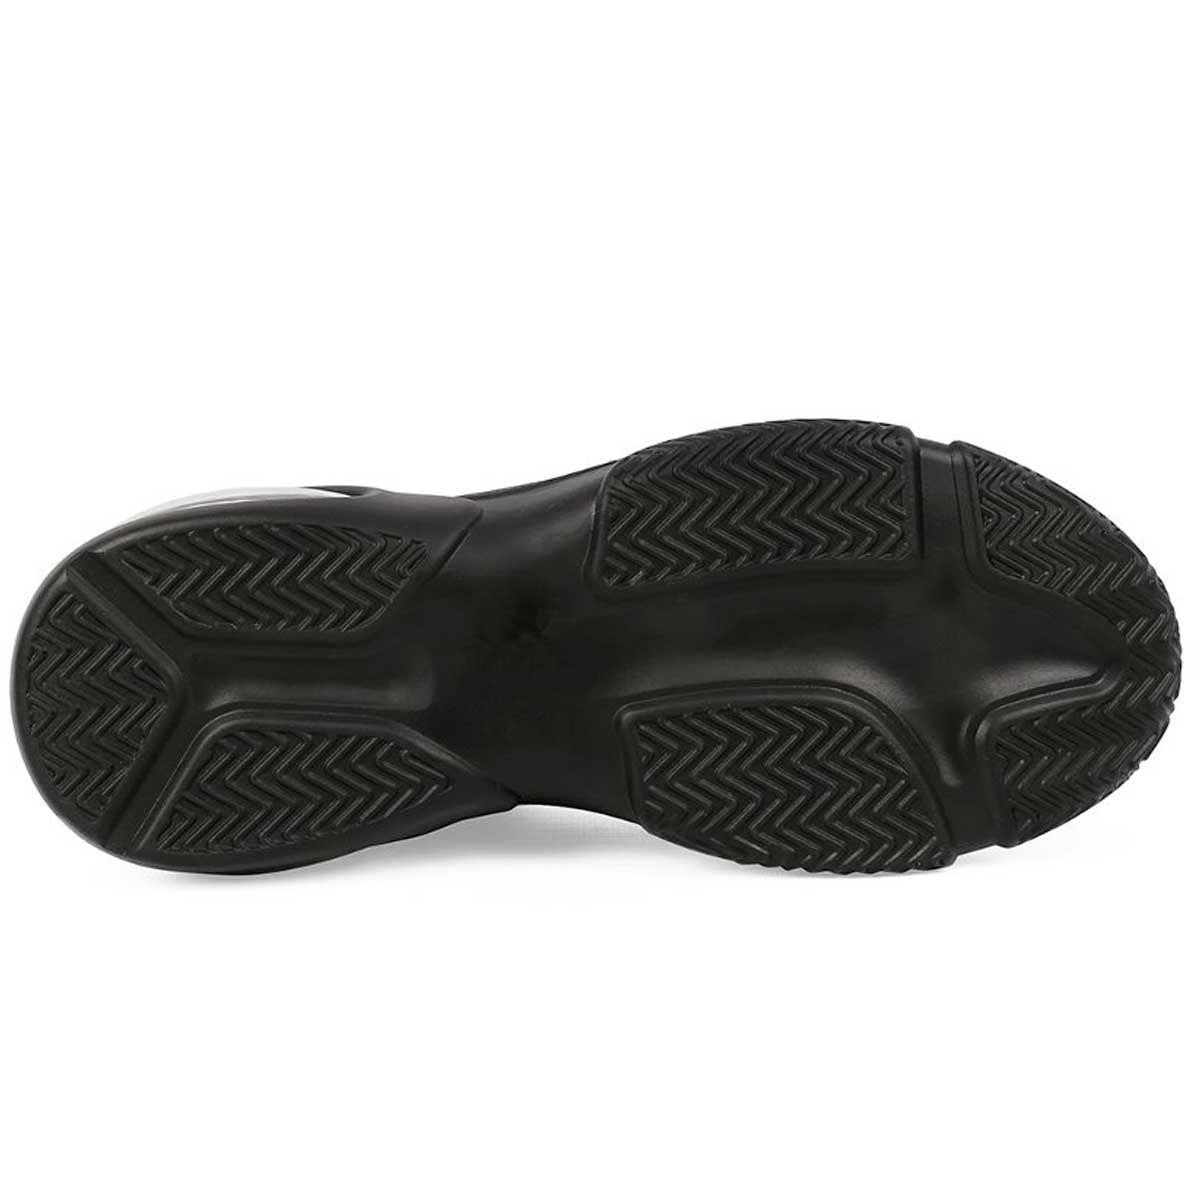 Montevita Chunky Sole Sneaker in Black